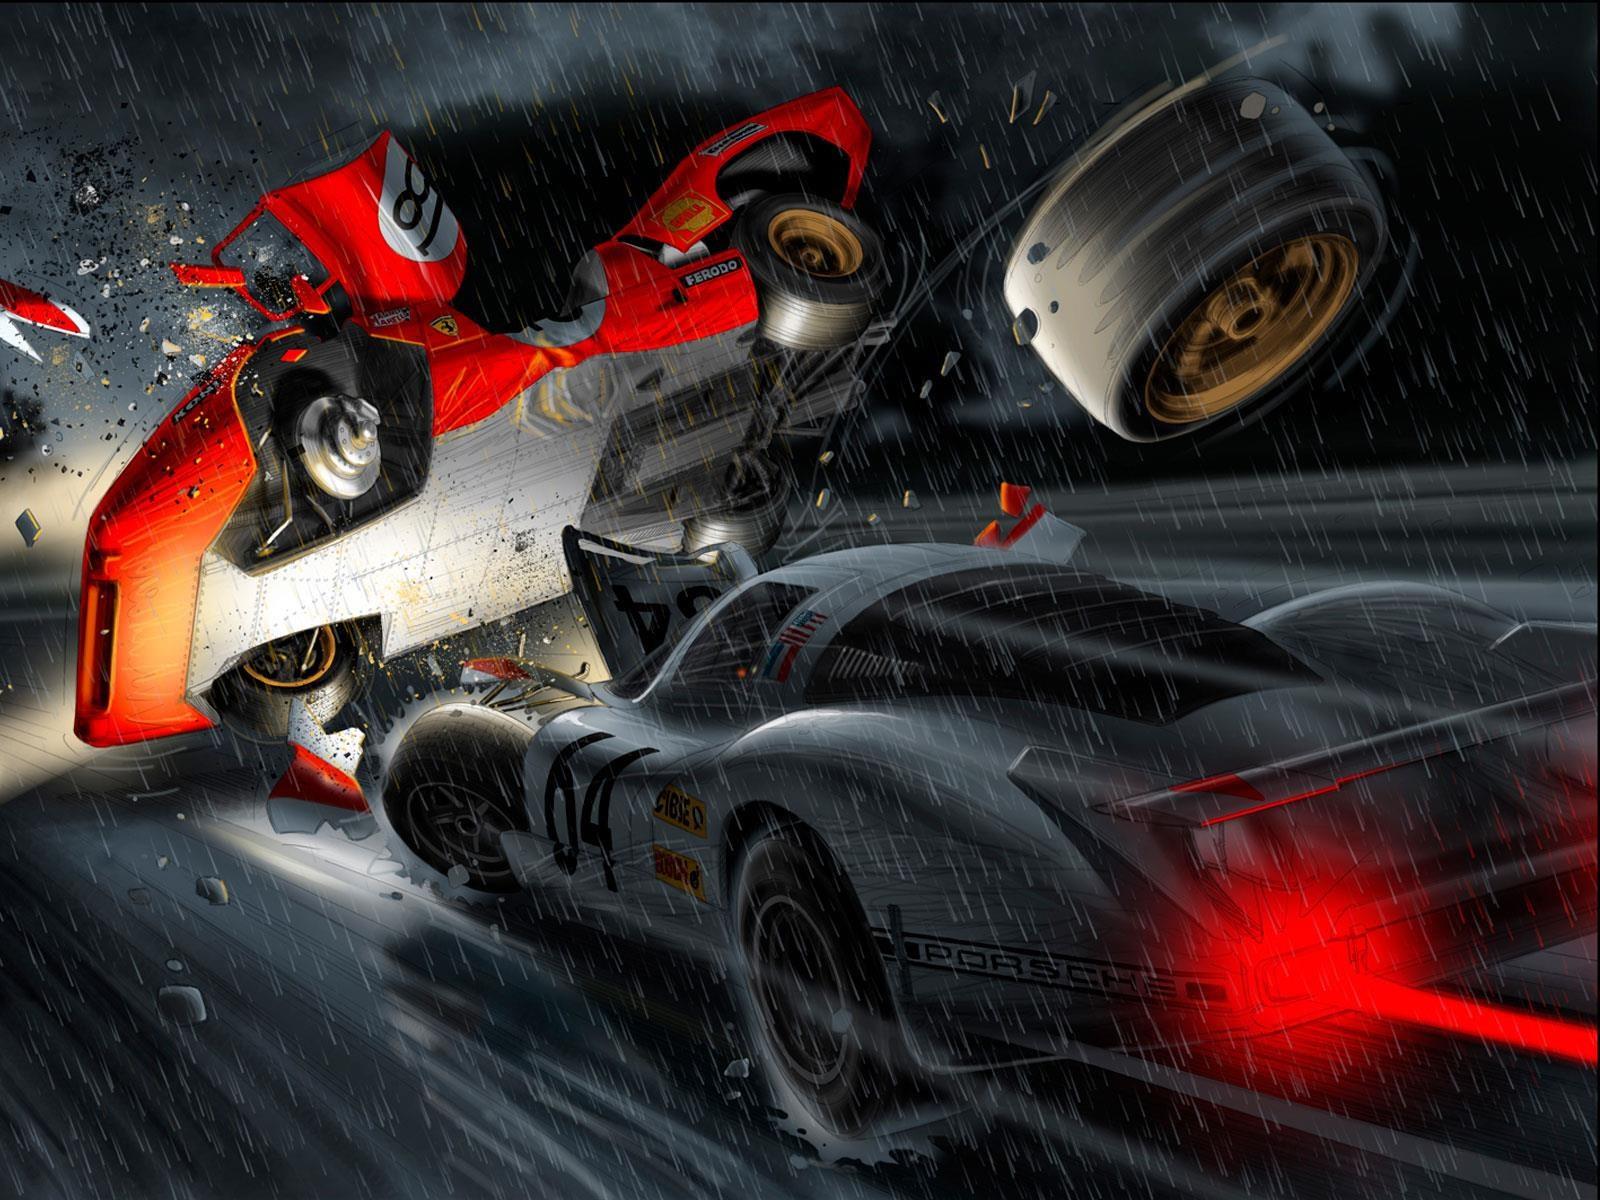 Le Mans, la película de Steve McQueen, ahora en formato cómic